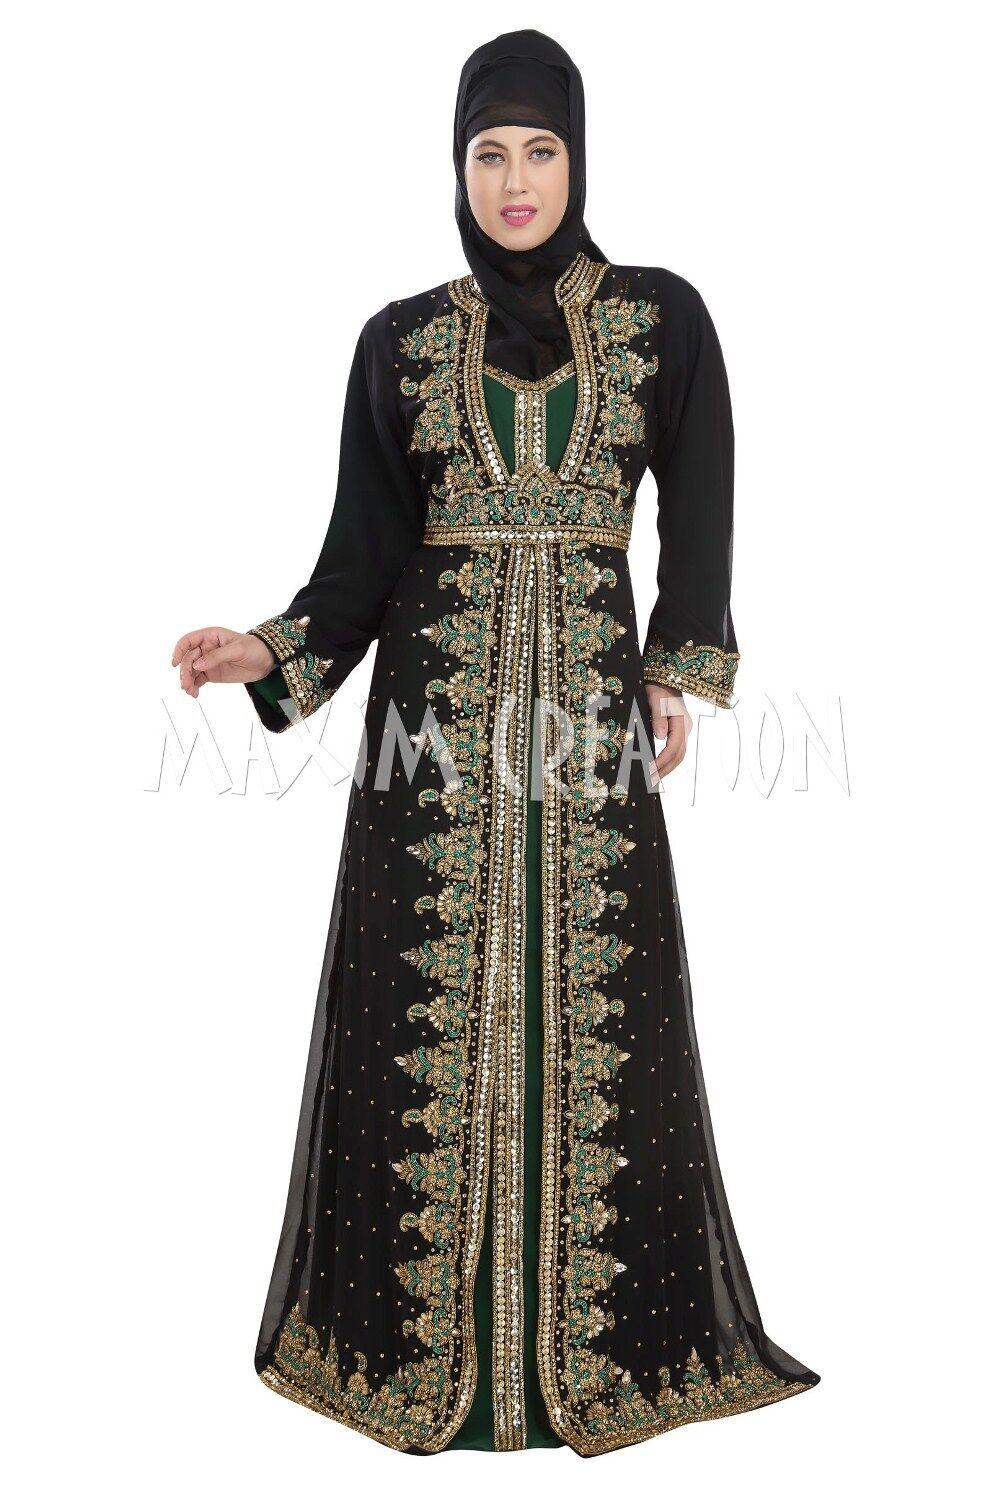 ELEGANT FANCY JILBAB ARABIAN ISLAMIC WEDDING WEDDING WEDDING GOWN PARTY WEAR DRESS 5517 53b165